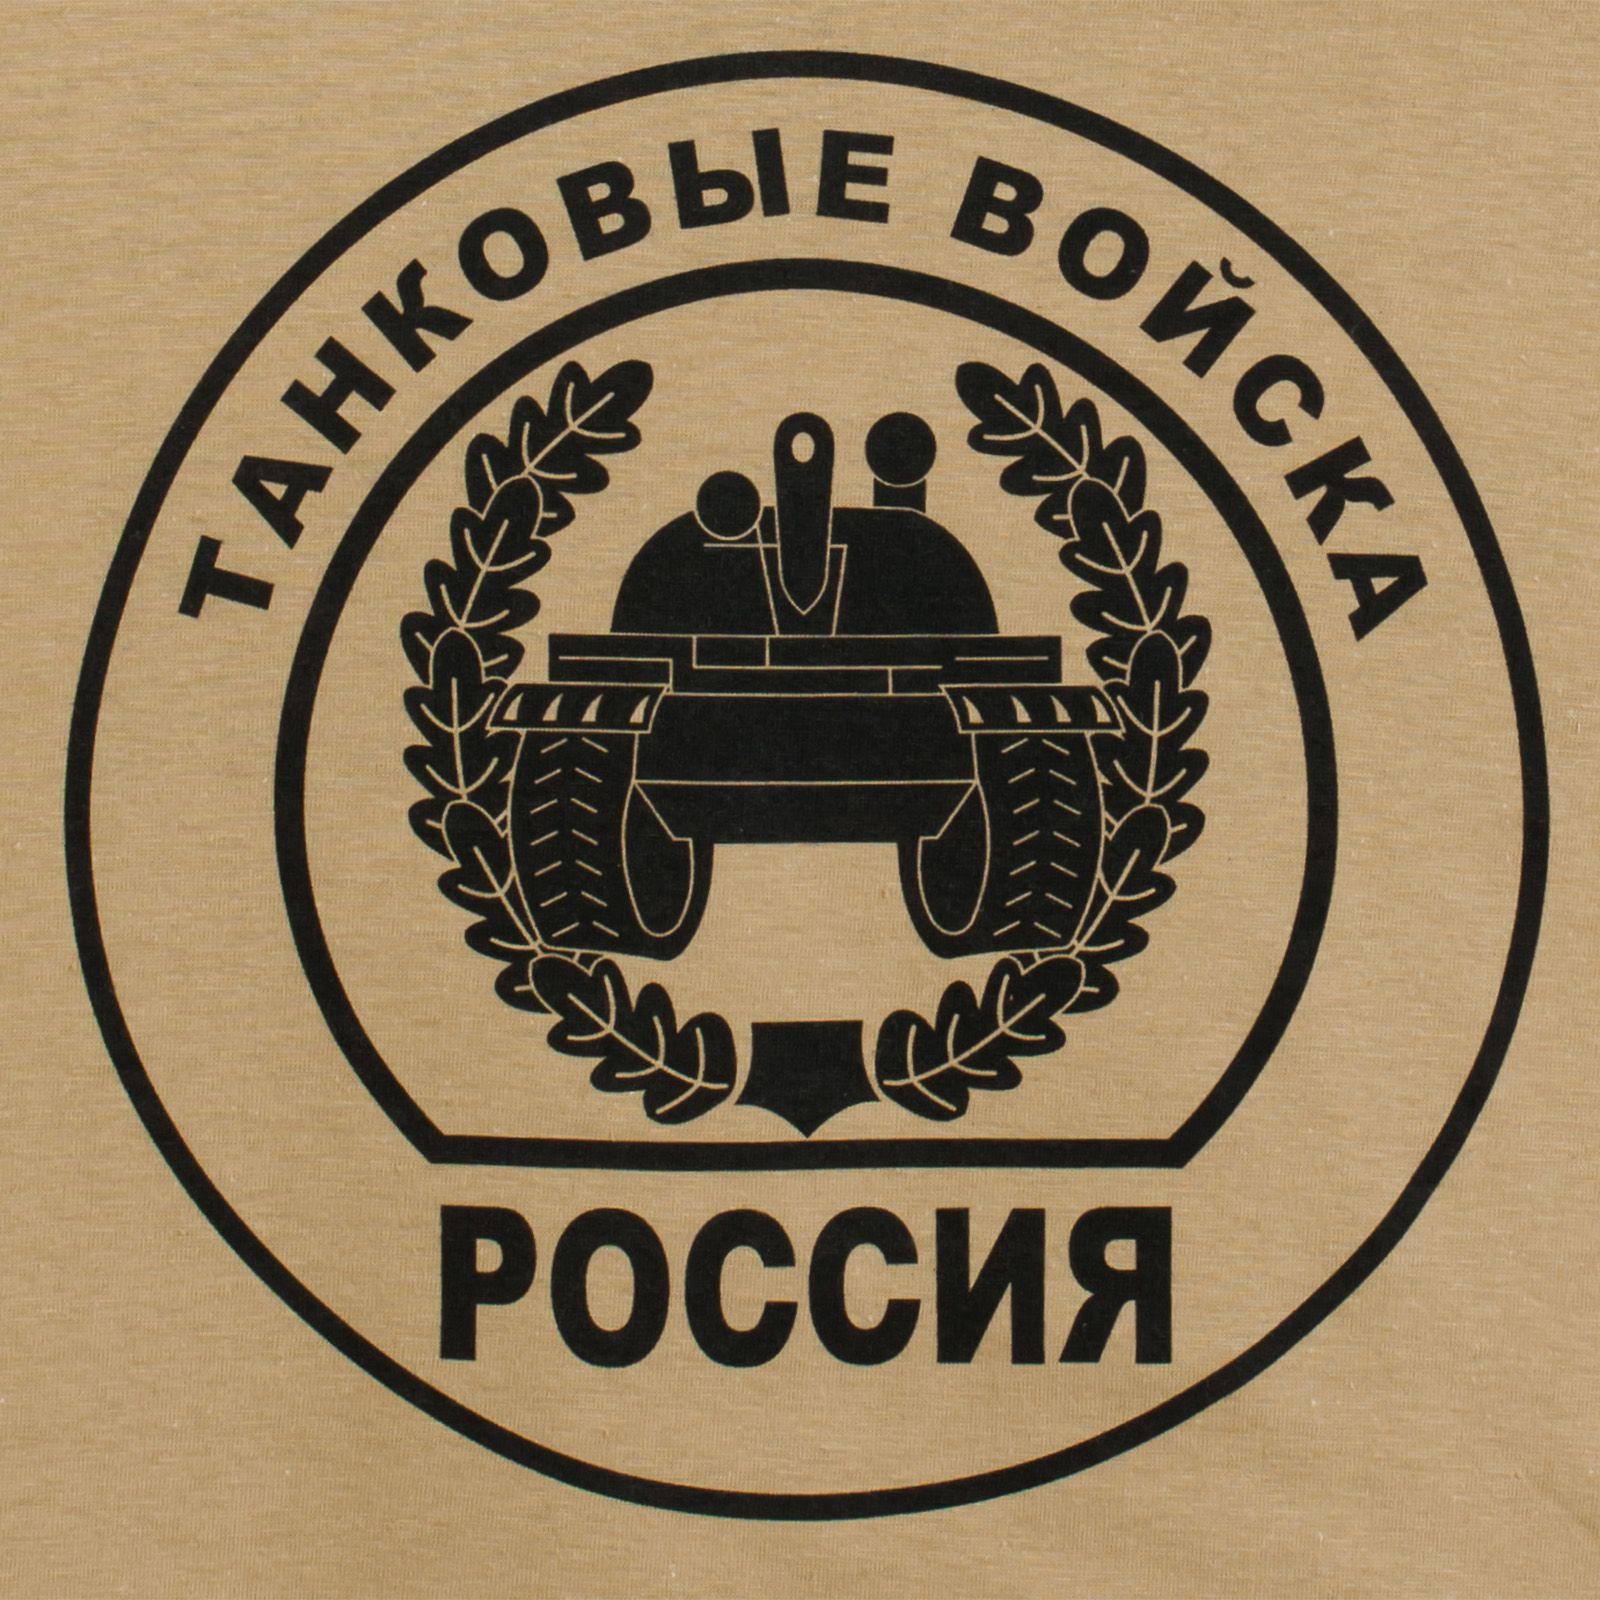 Футболка для танкиста с эмблемой